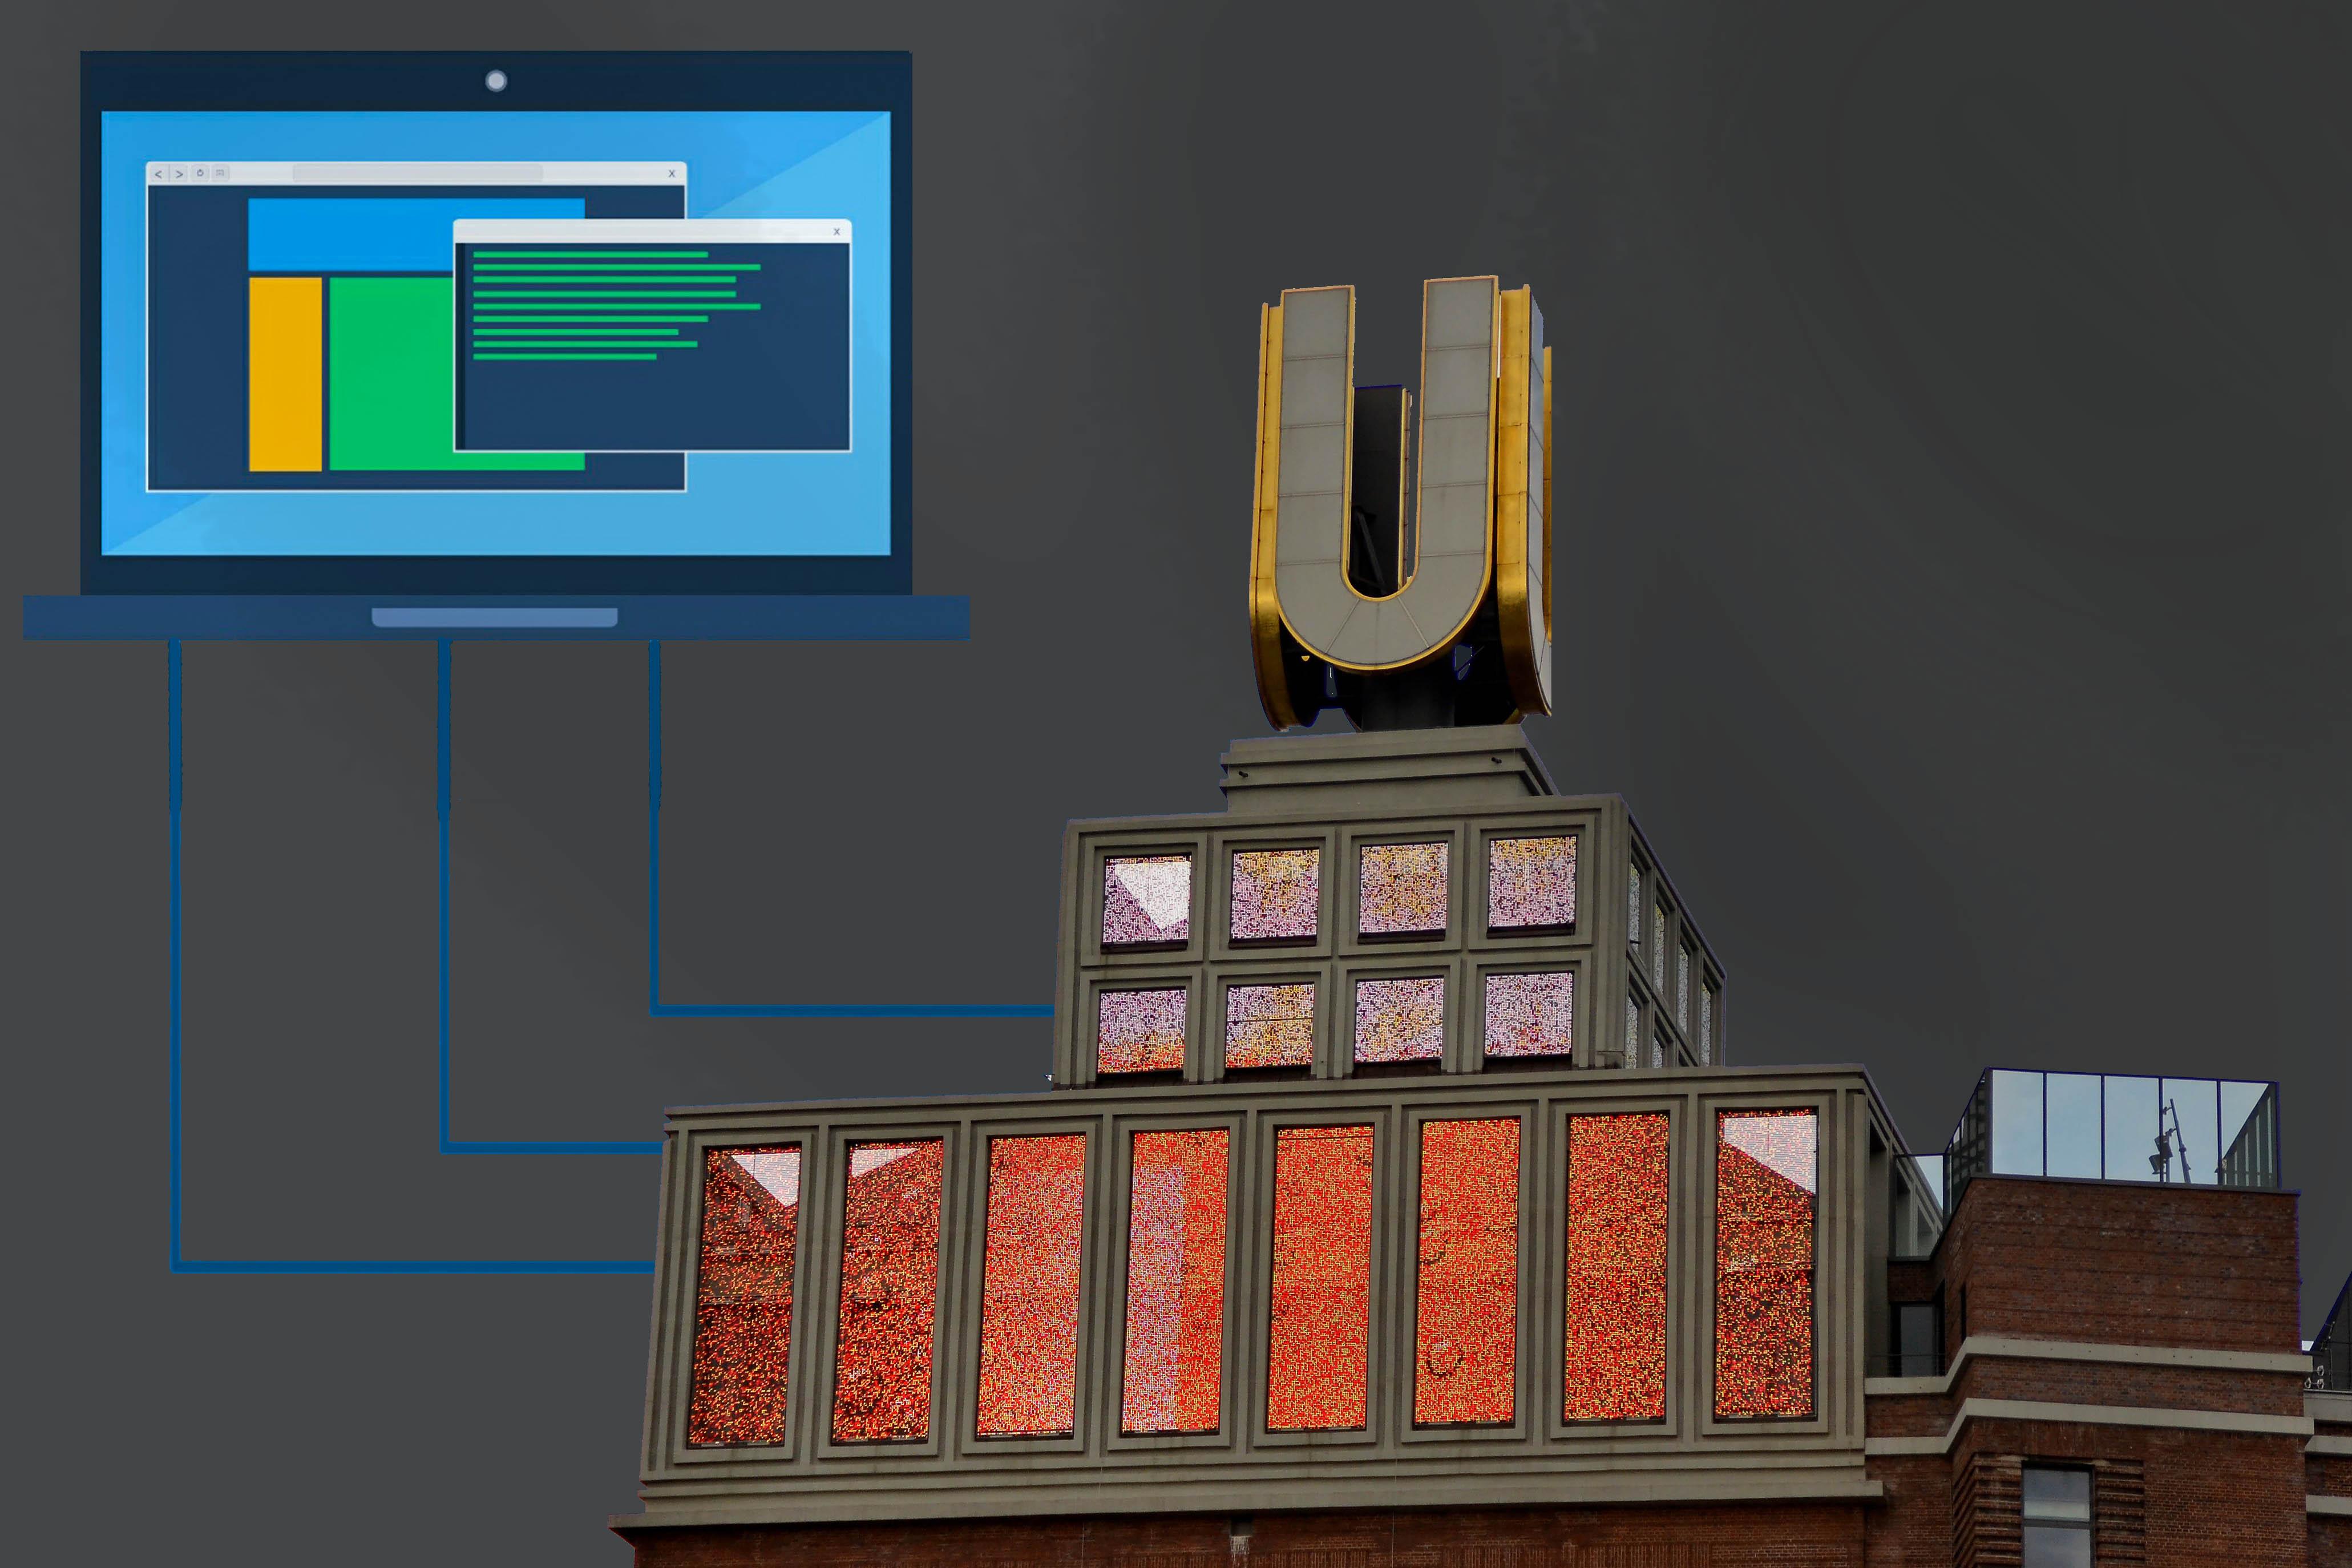 Auf der Bildmontage ist das Dortmunder U zu sehen, von dem aus Linien zu einem Computer führen. Der Hintergrund ist dunkel.